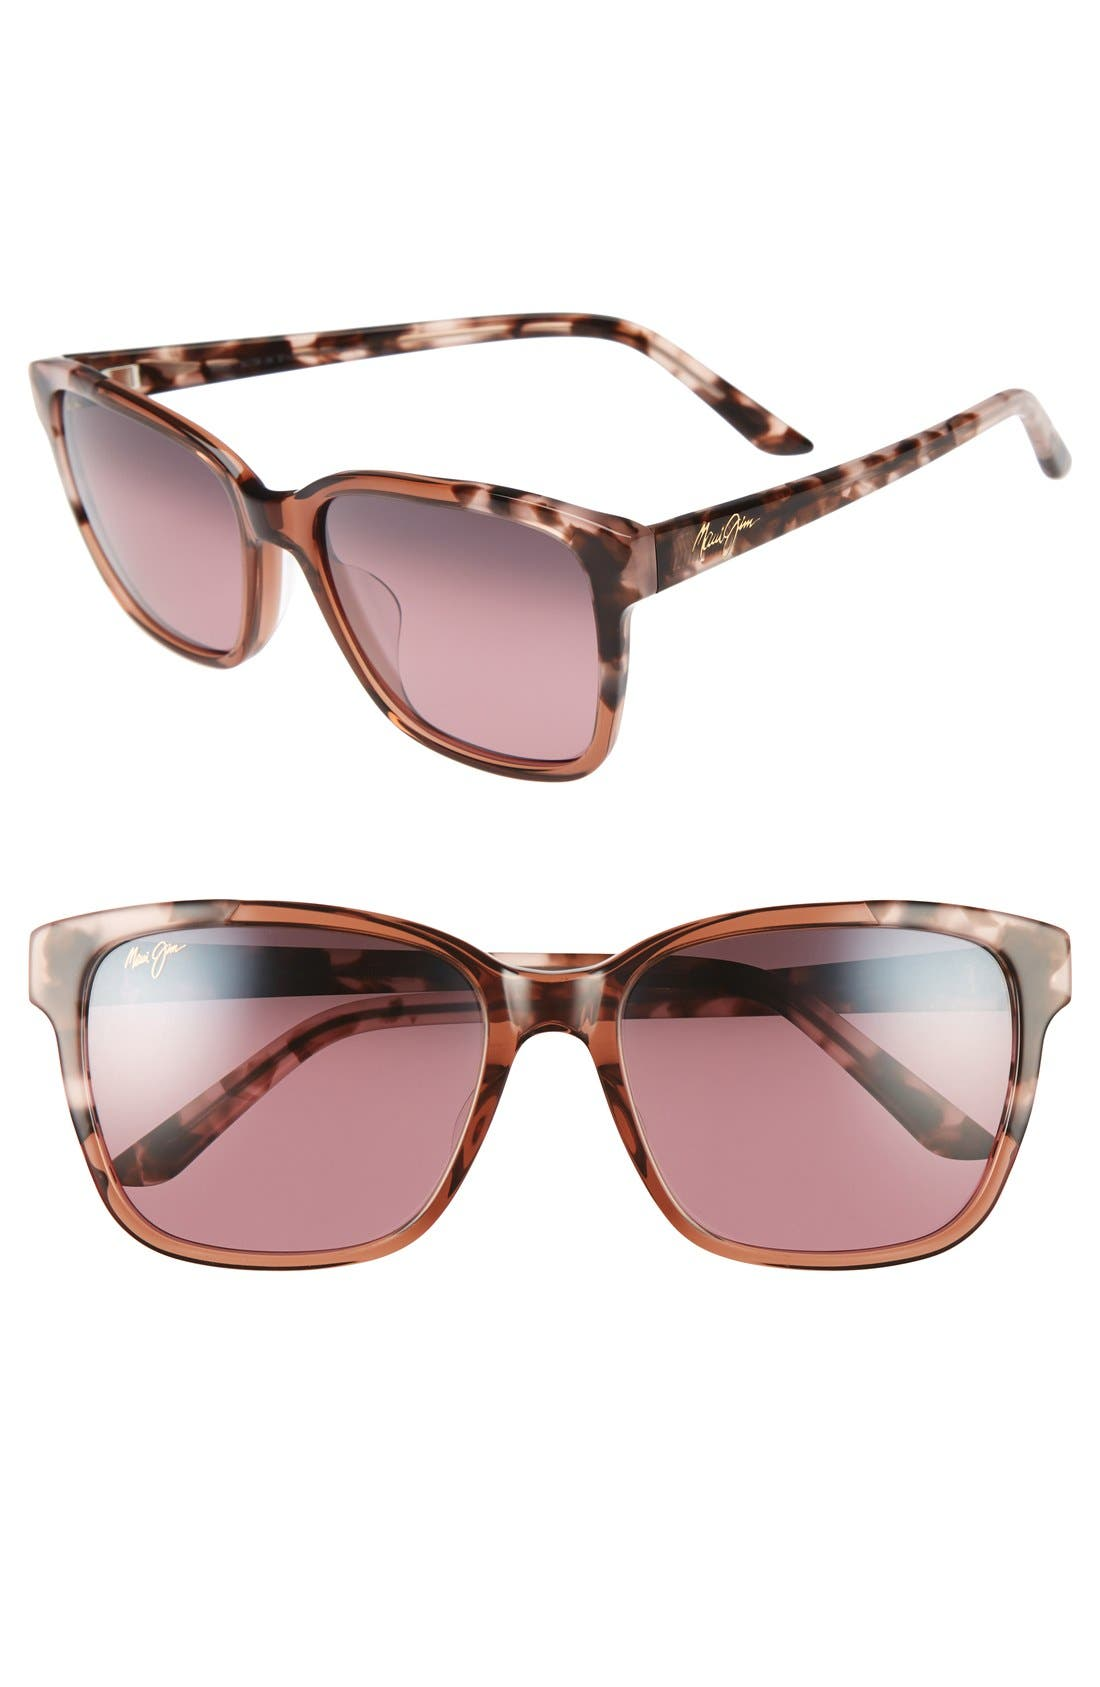 Maui Jim Melika Sonnenbrille Pinkes Tortoise Pink Tortoise Polarisiert 58mm hceGDl